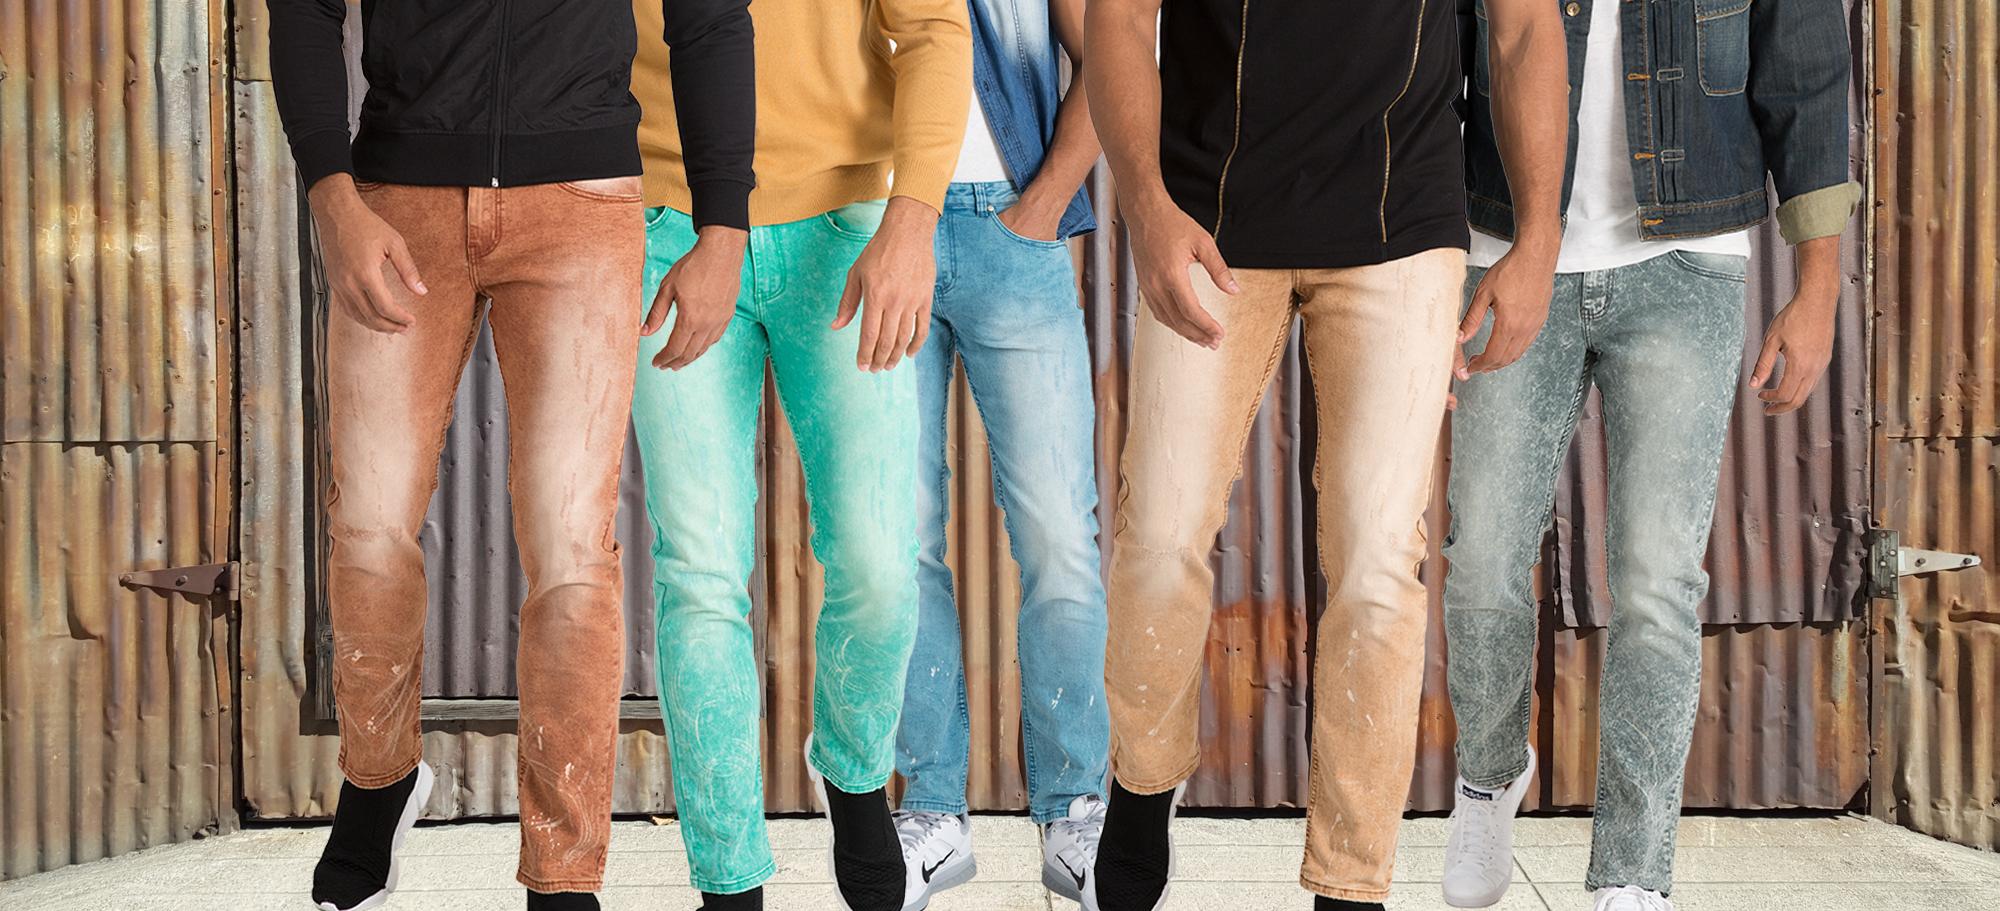 CLOUD-WASH-stretch-color-denim-jeans-FINAL